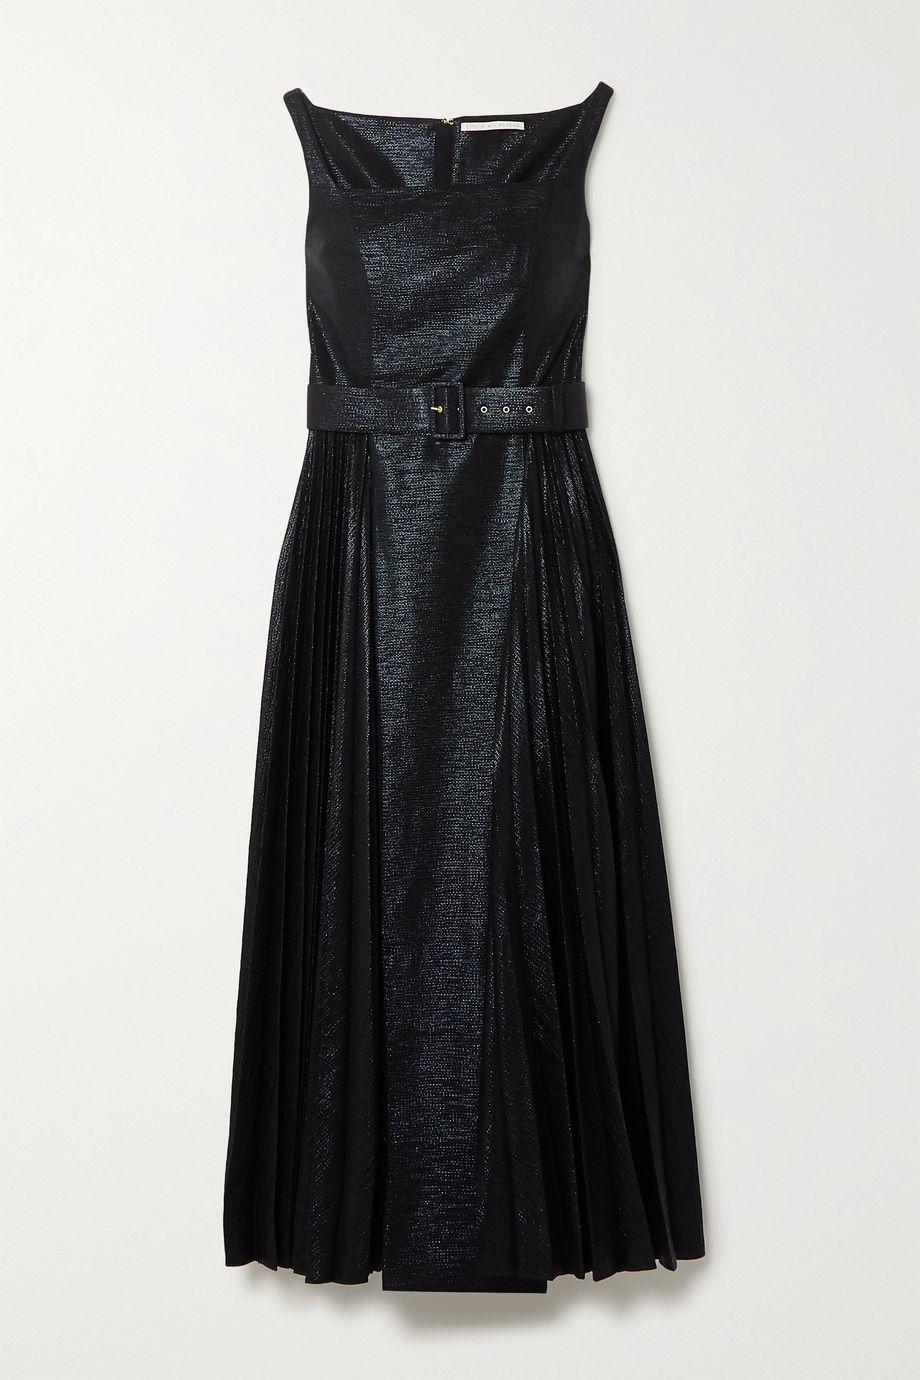 Emilia Wickstead Ingrid pleated metallic coated-jersey midi dress